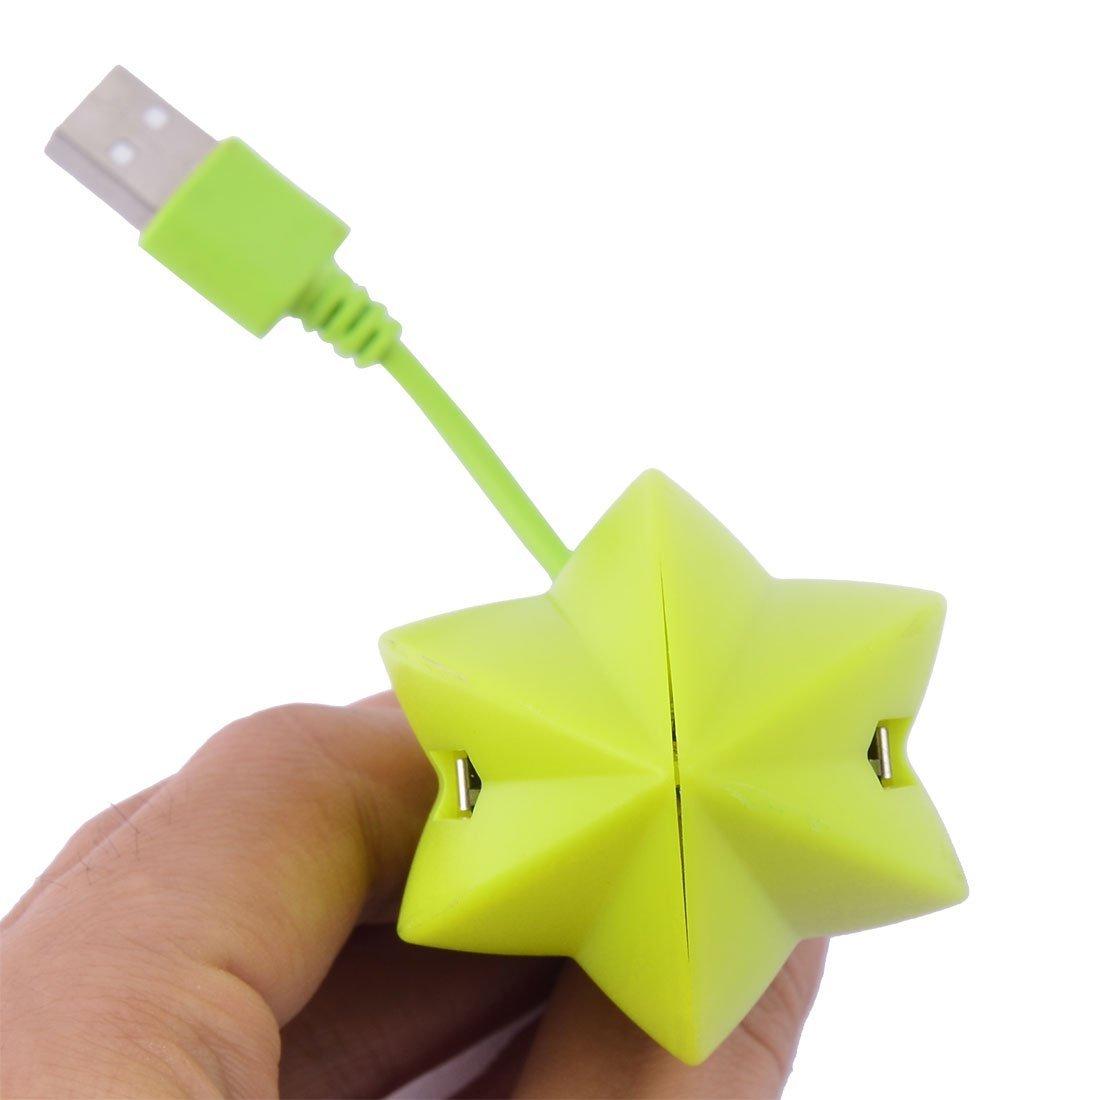 Amazon.com: eDealMax PC 4 puertos USB 2.0 Hub Forma Carambola alta velocidad de transferencia de datos de Puertos del Divisor de la luz Verde: Electronics